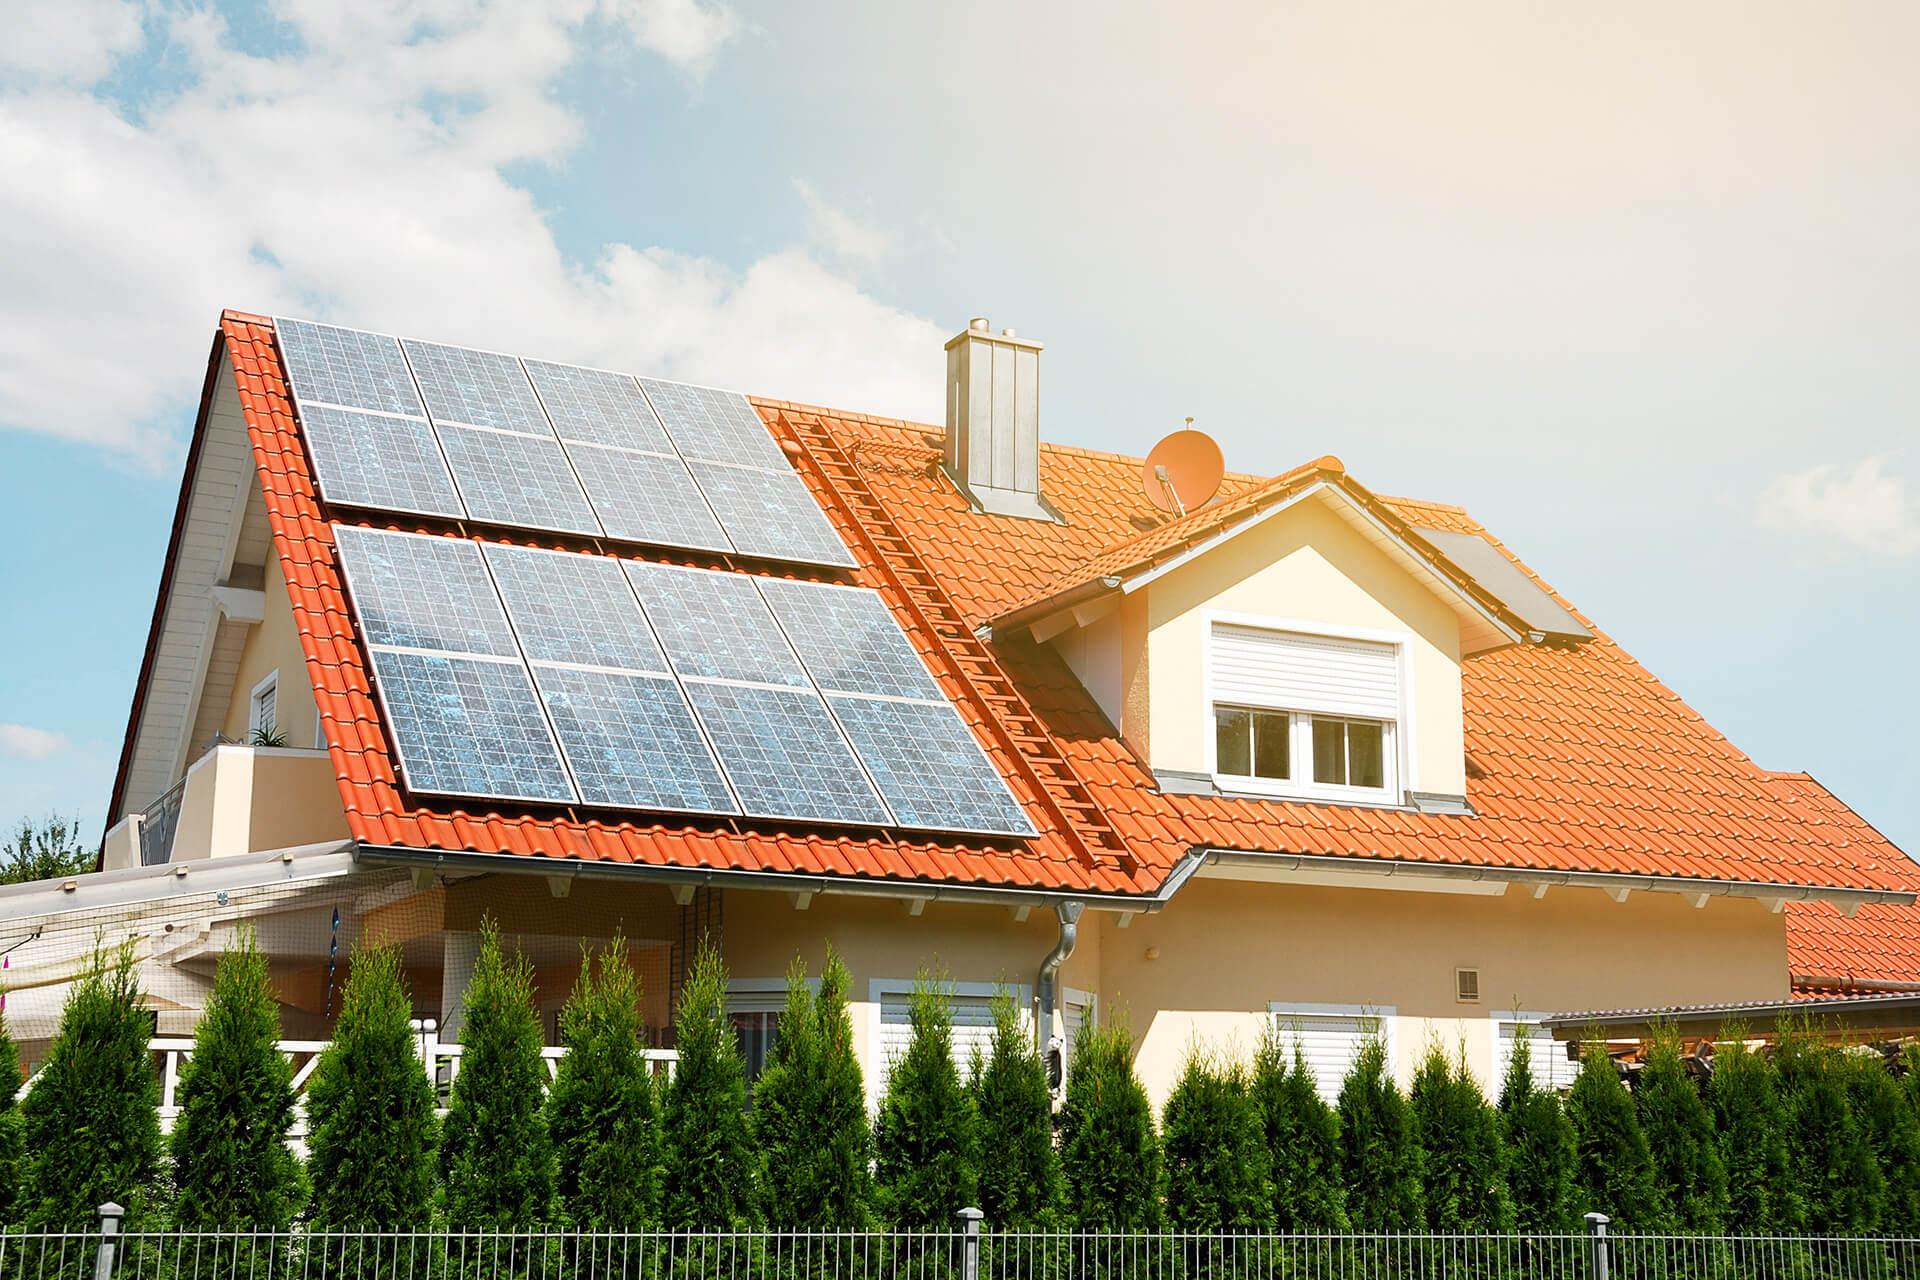 Практика использования моно и поликристаллических фотомодулей в солнечных батареях школа для электрика все об электротехнике и электронике